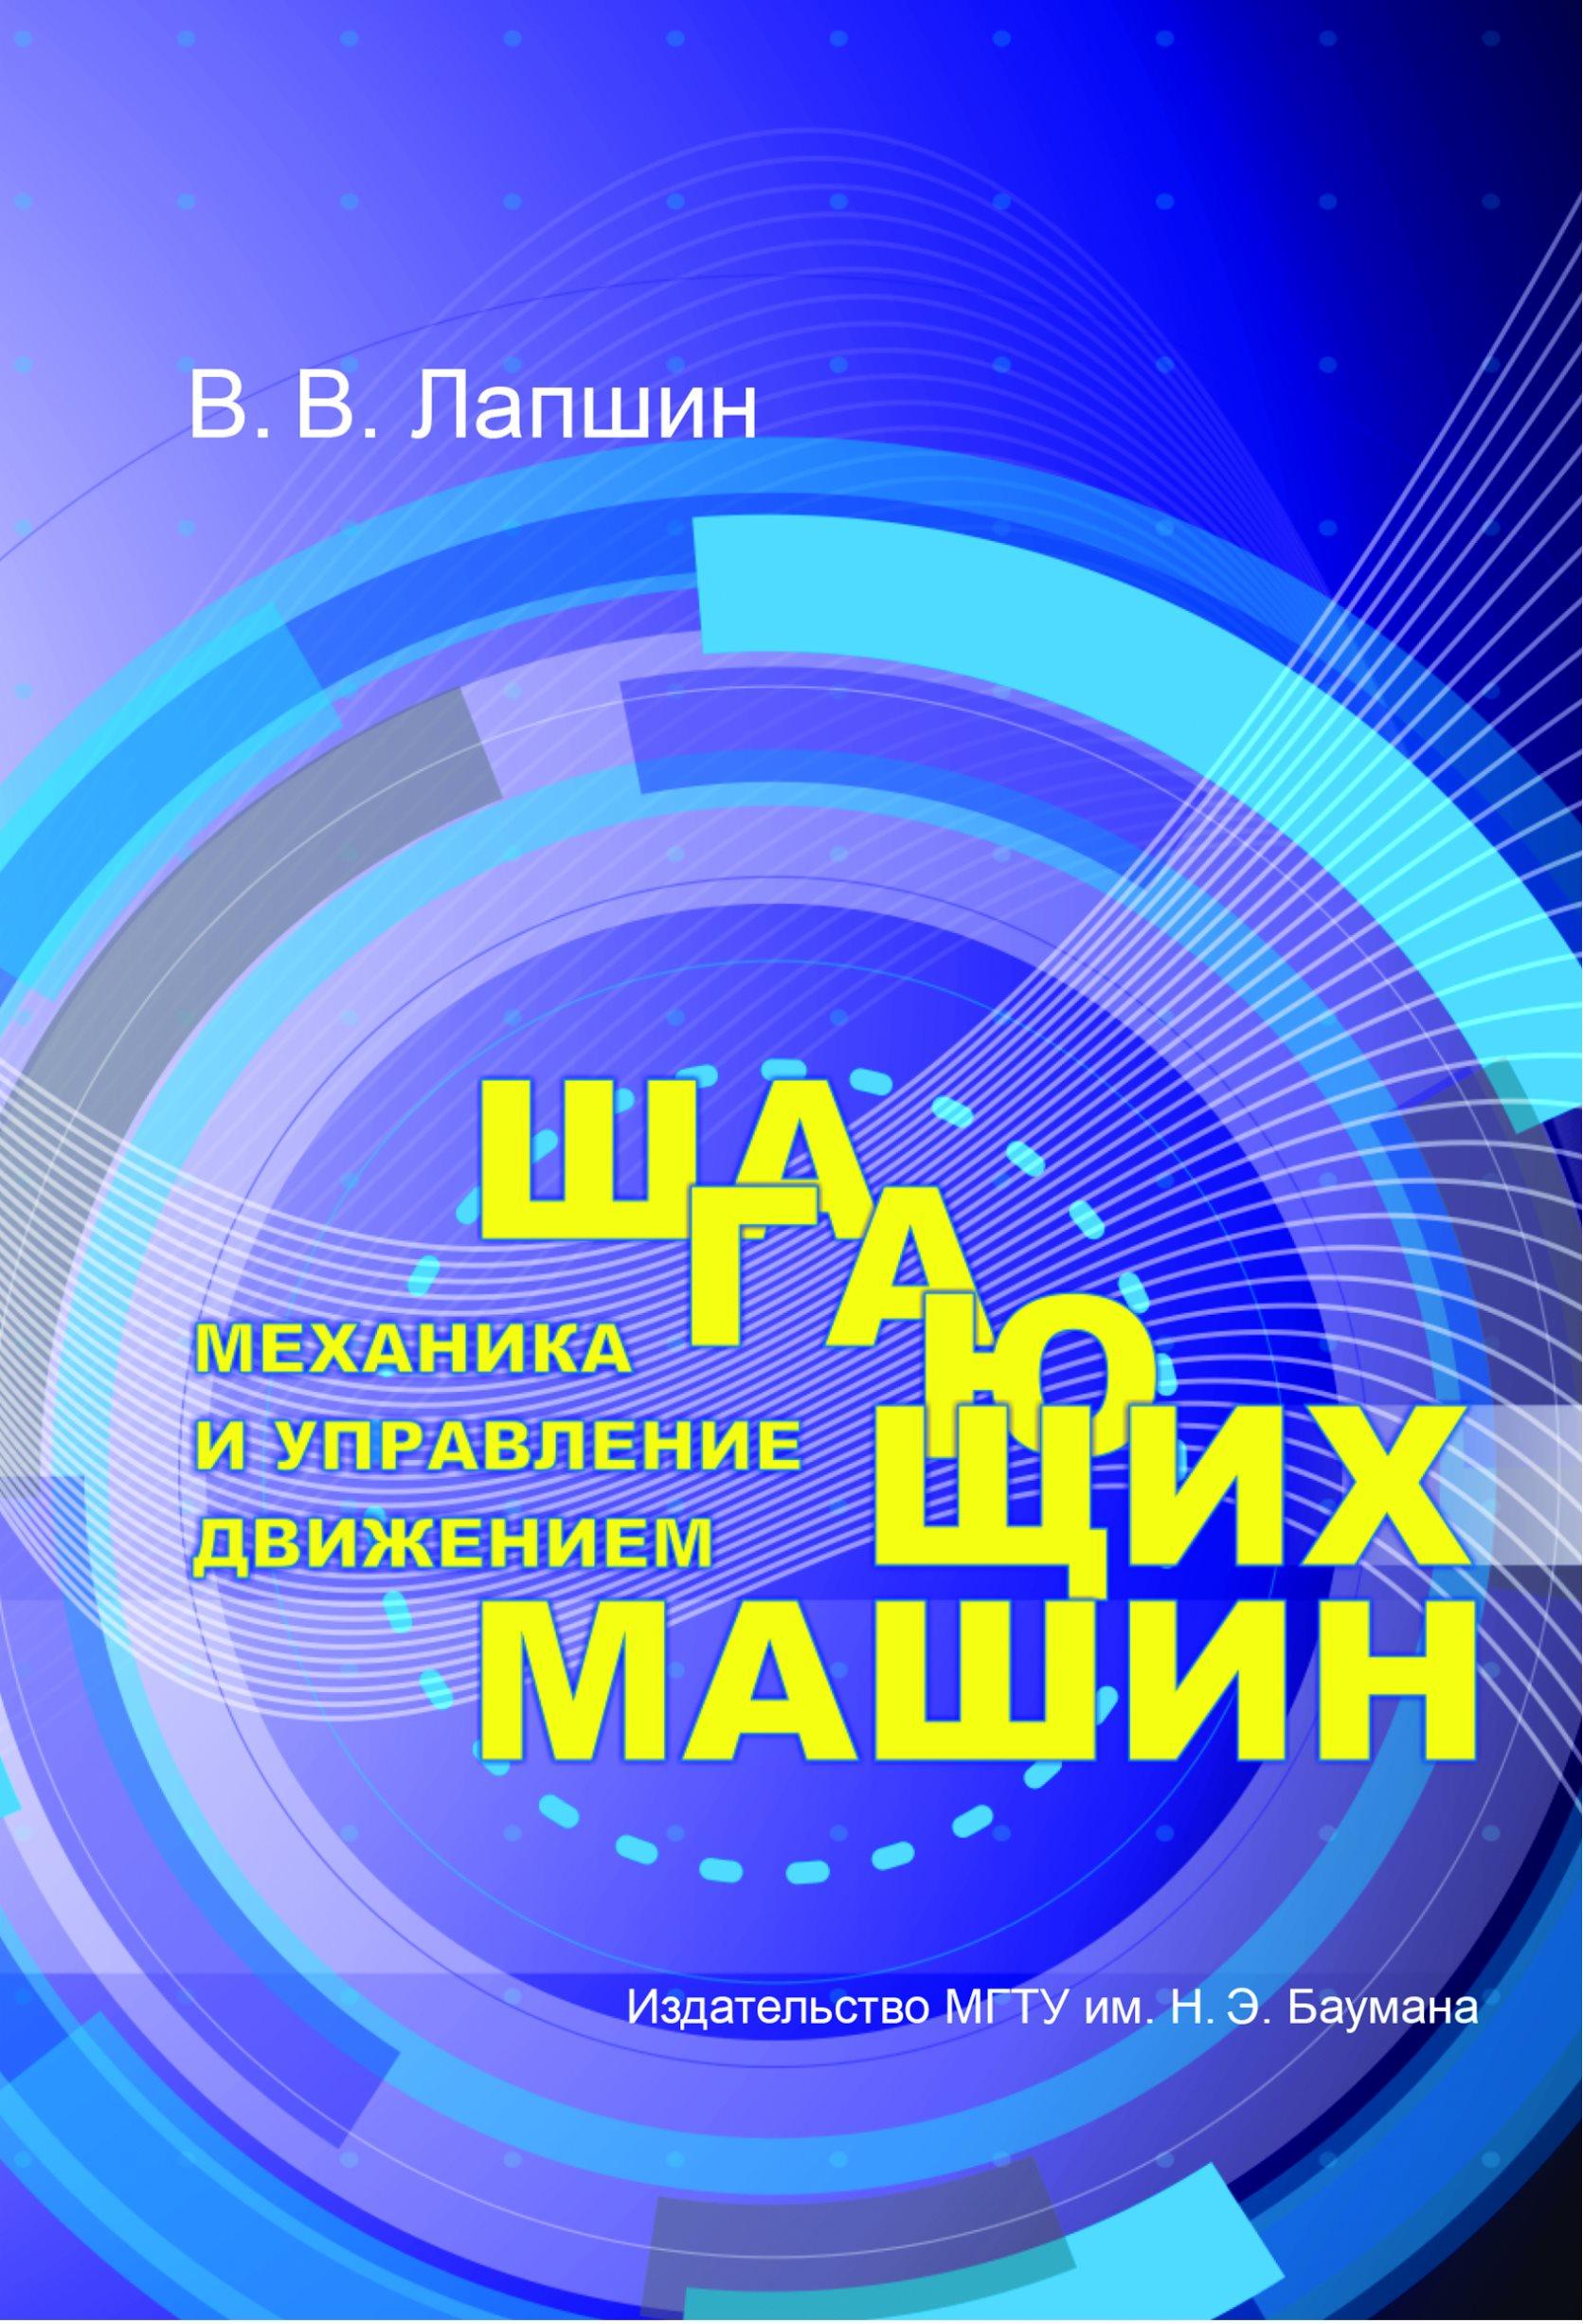 Владимир Лапшин Механика и управление движением шагающих машин